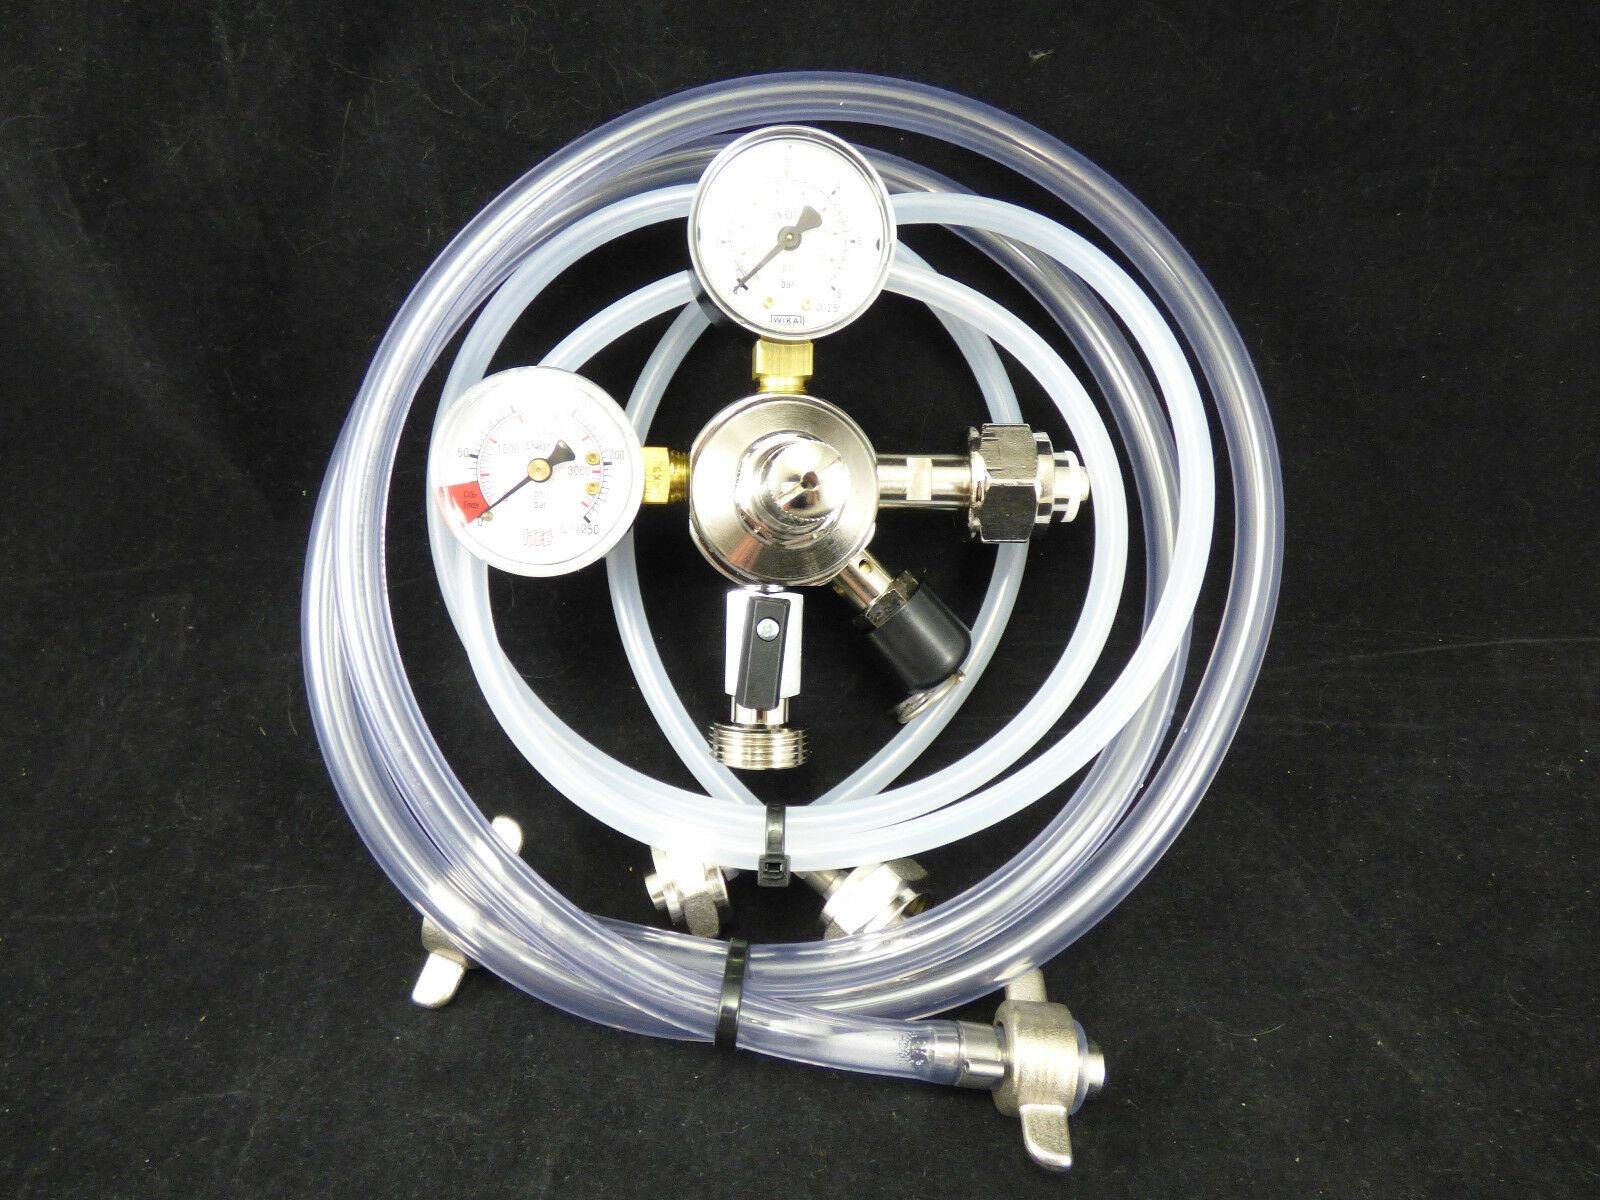 Zapfanlagen Zubehör Manometer Bierschlauch Co2 Schlauch Co2 Druckminderer Einf.